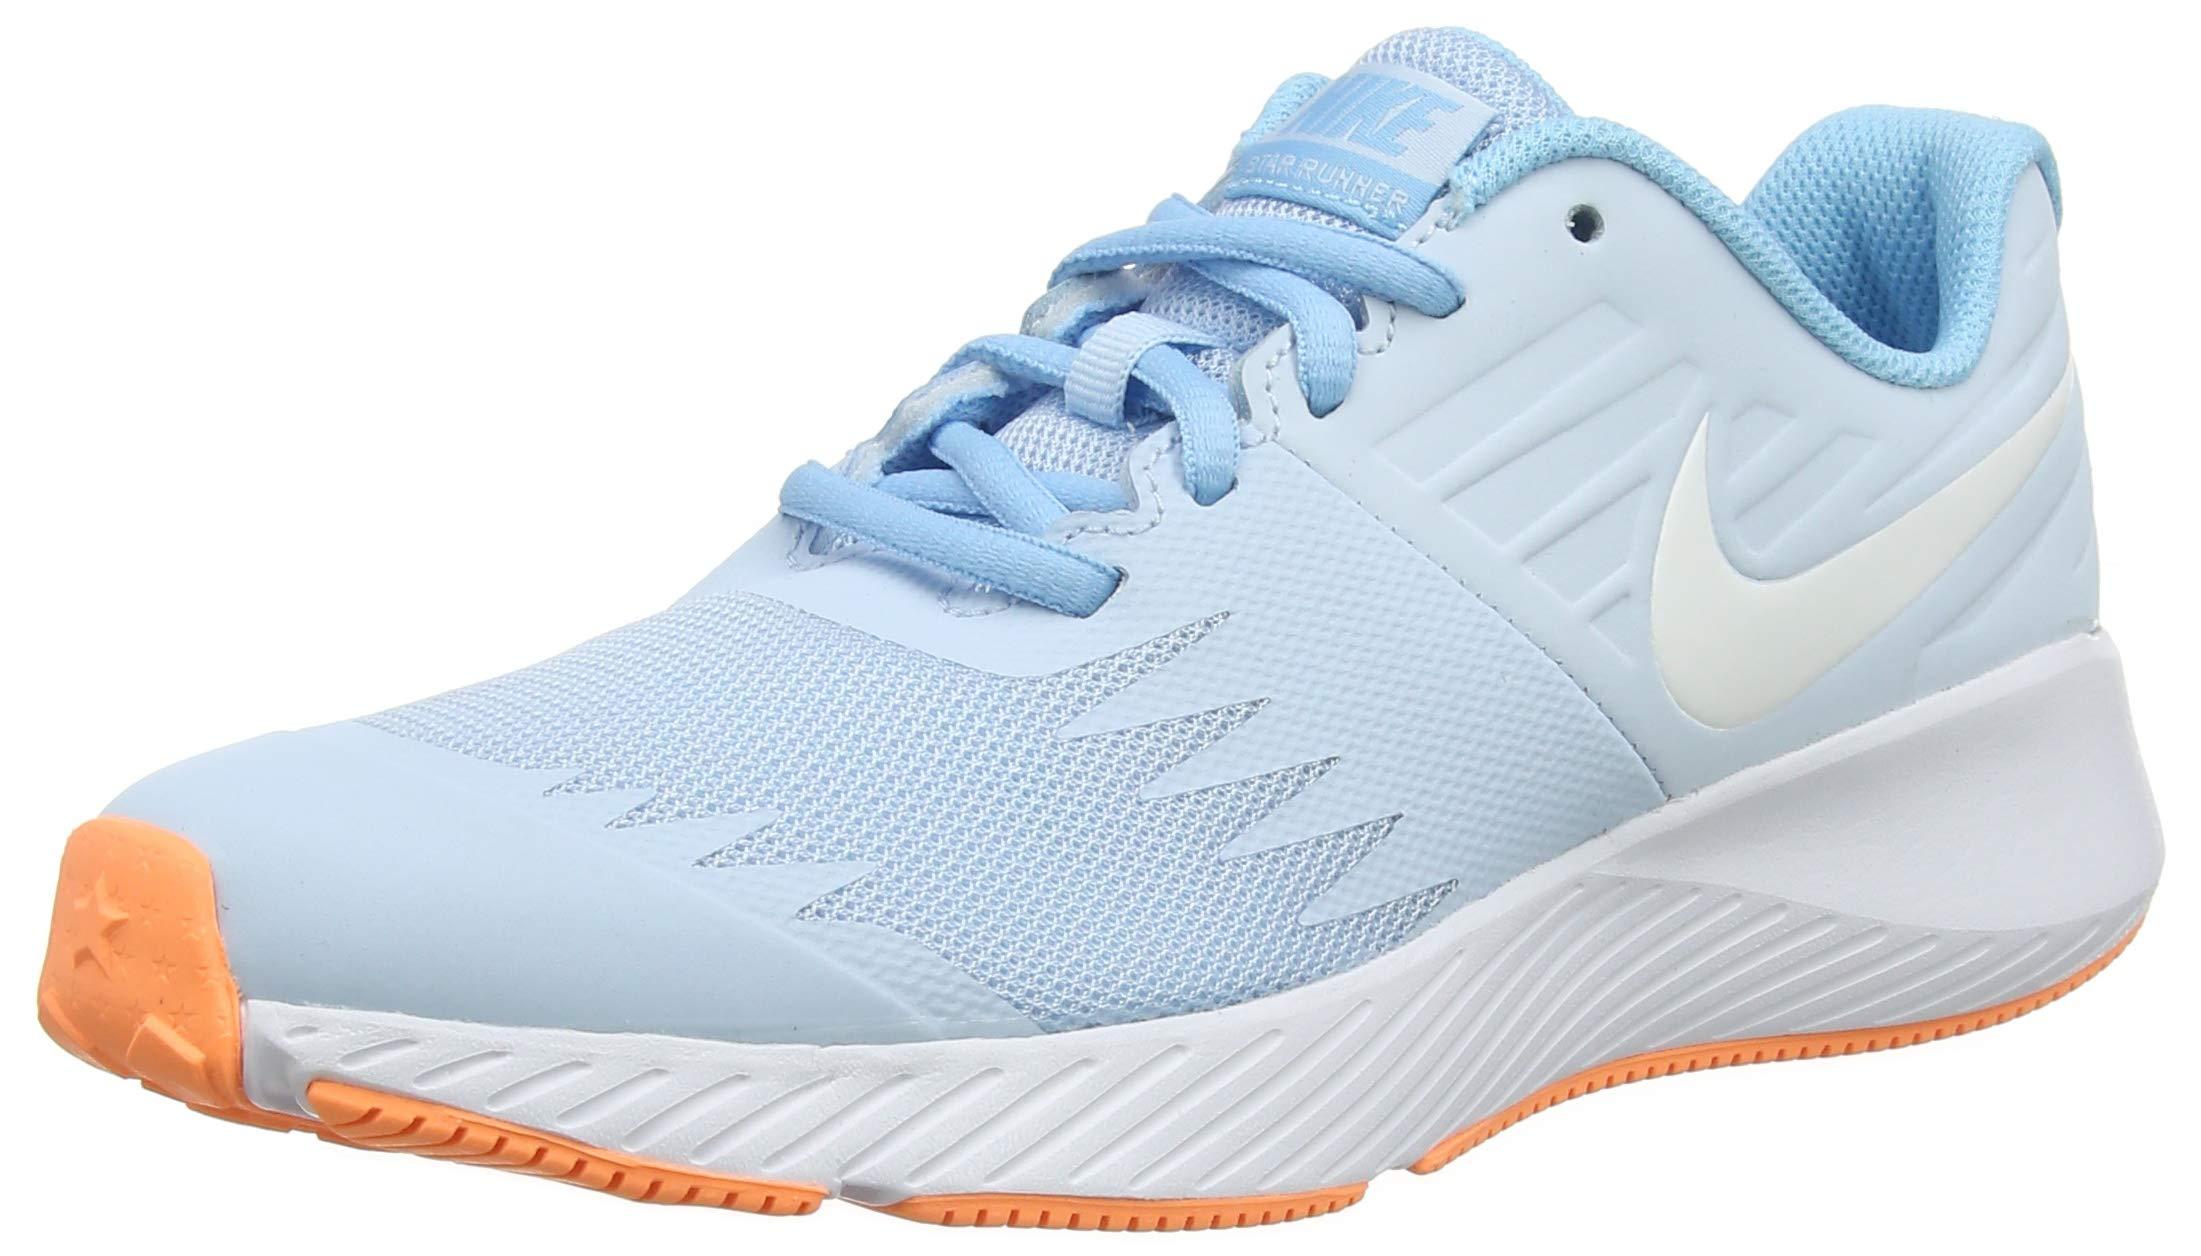 Nike Girl's Star Runner (GS) Running Shoe Cobalt Tint/White/Blue Chill Size 3.5 M US